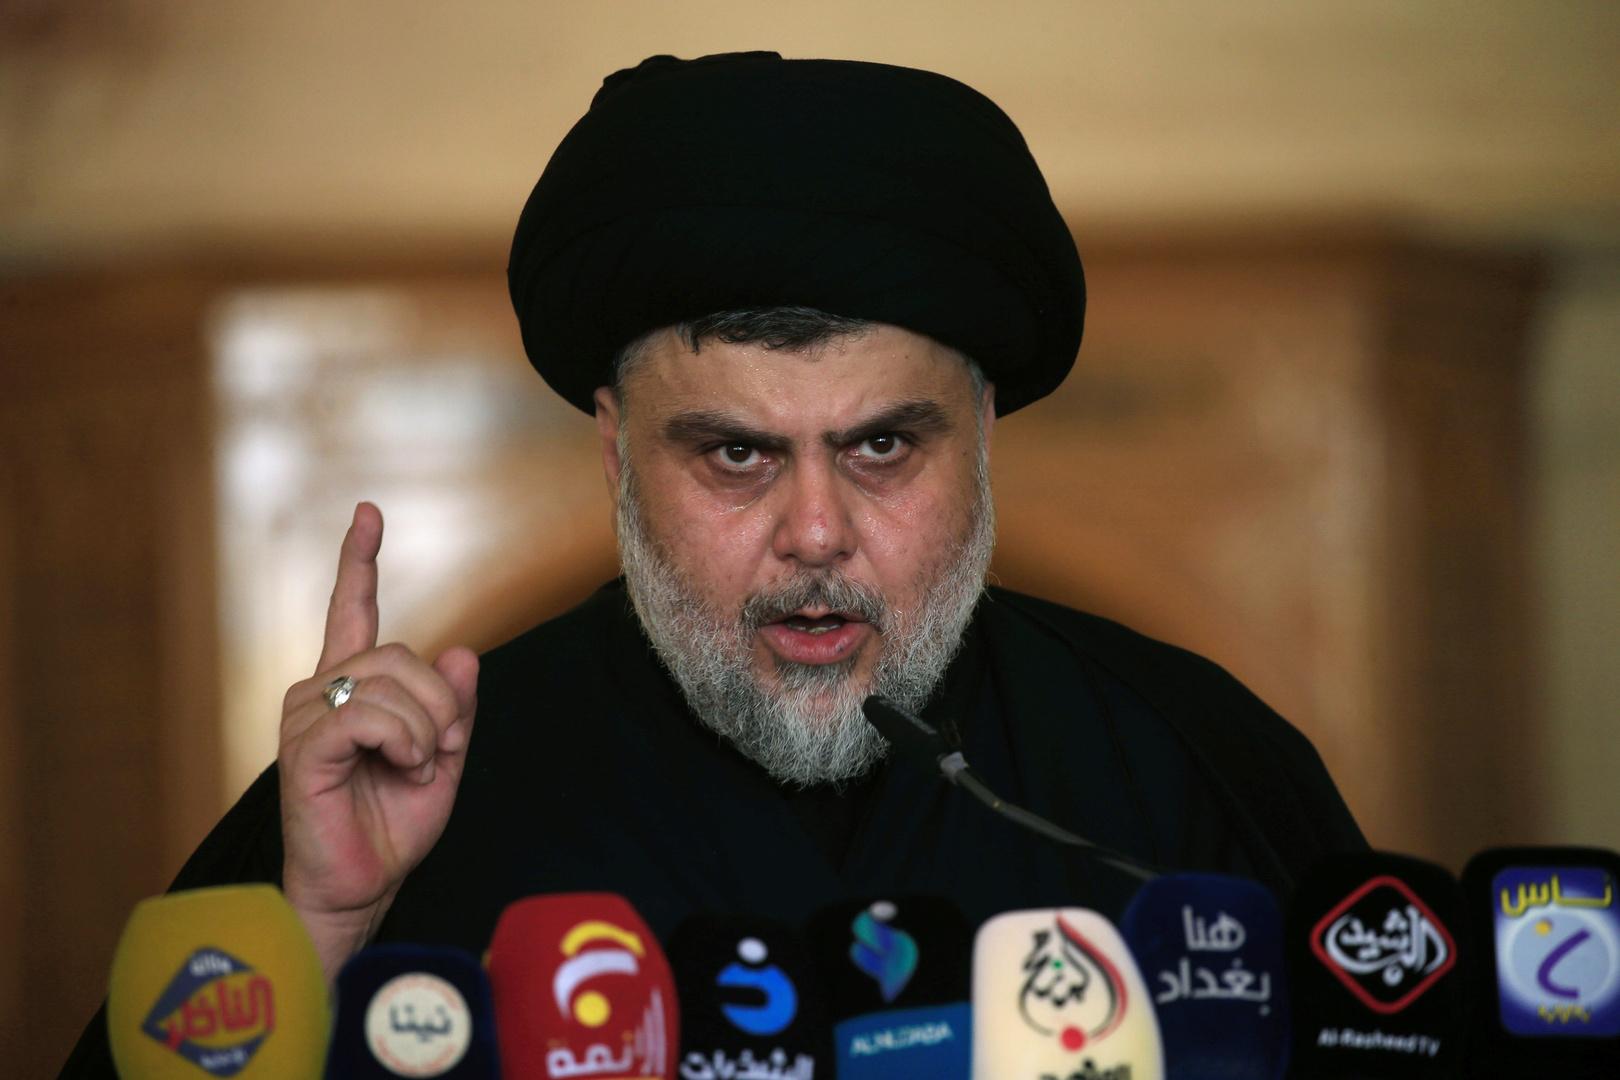 الصدر يعلن استعداده لإخراج الجيش الأمريكي من العراق سياسيا ويهدد الولايات المتحدة بـ